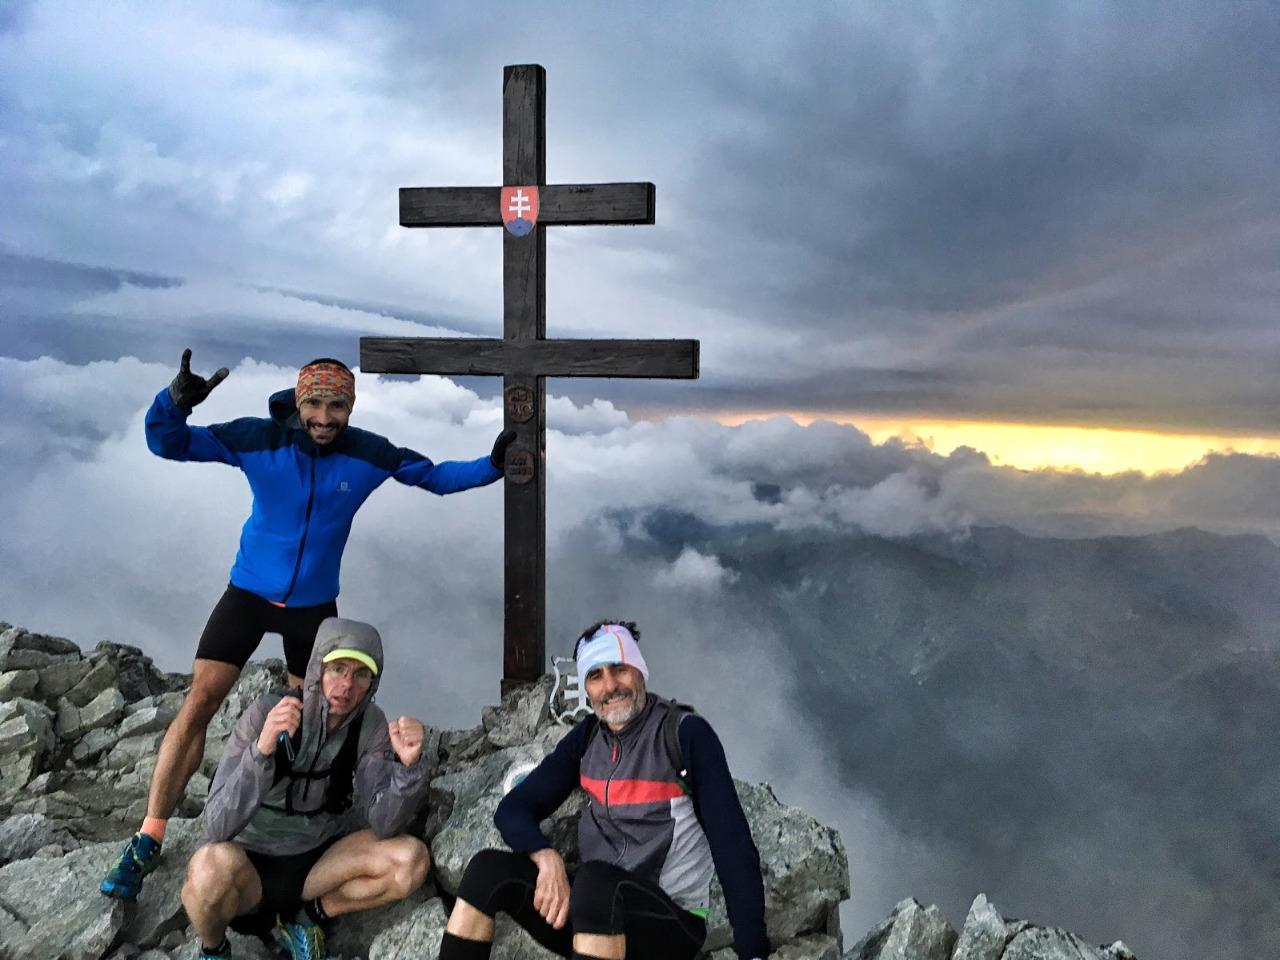 Expresky z hôr 71 - 7 summits (samíc), zdroj: slovakultratrail.sk